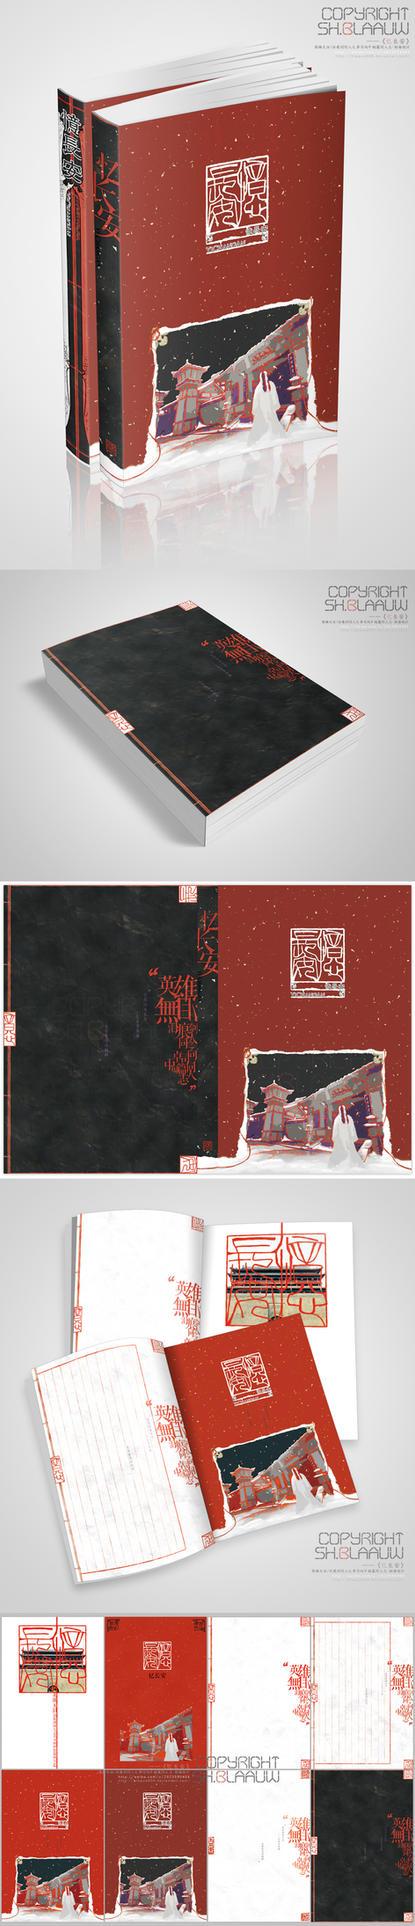 YiChangAn by BLAAUW000